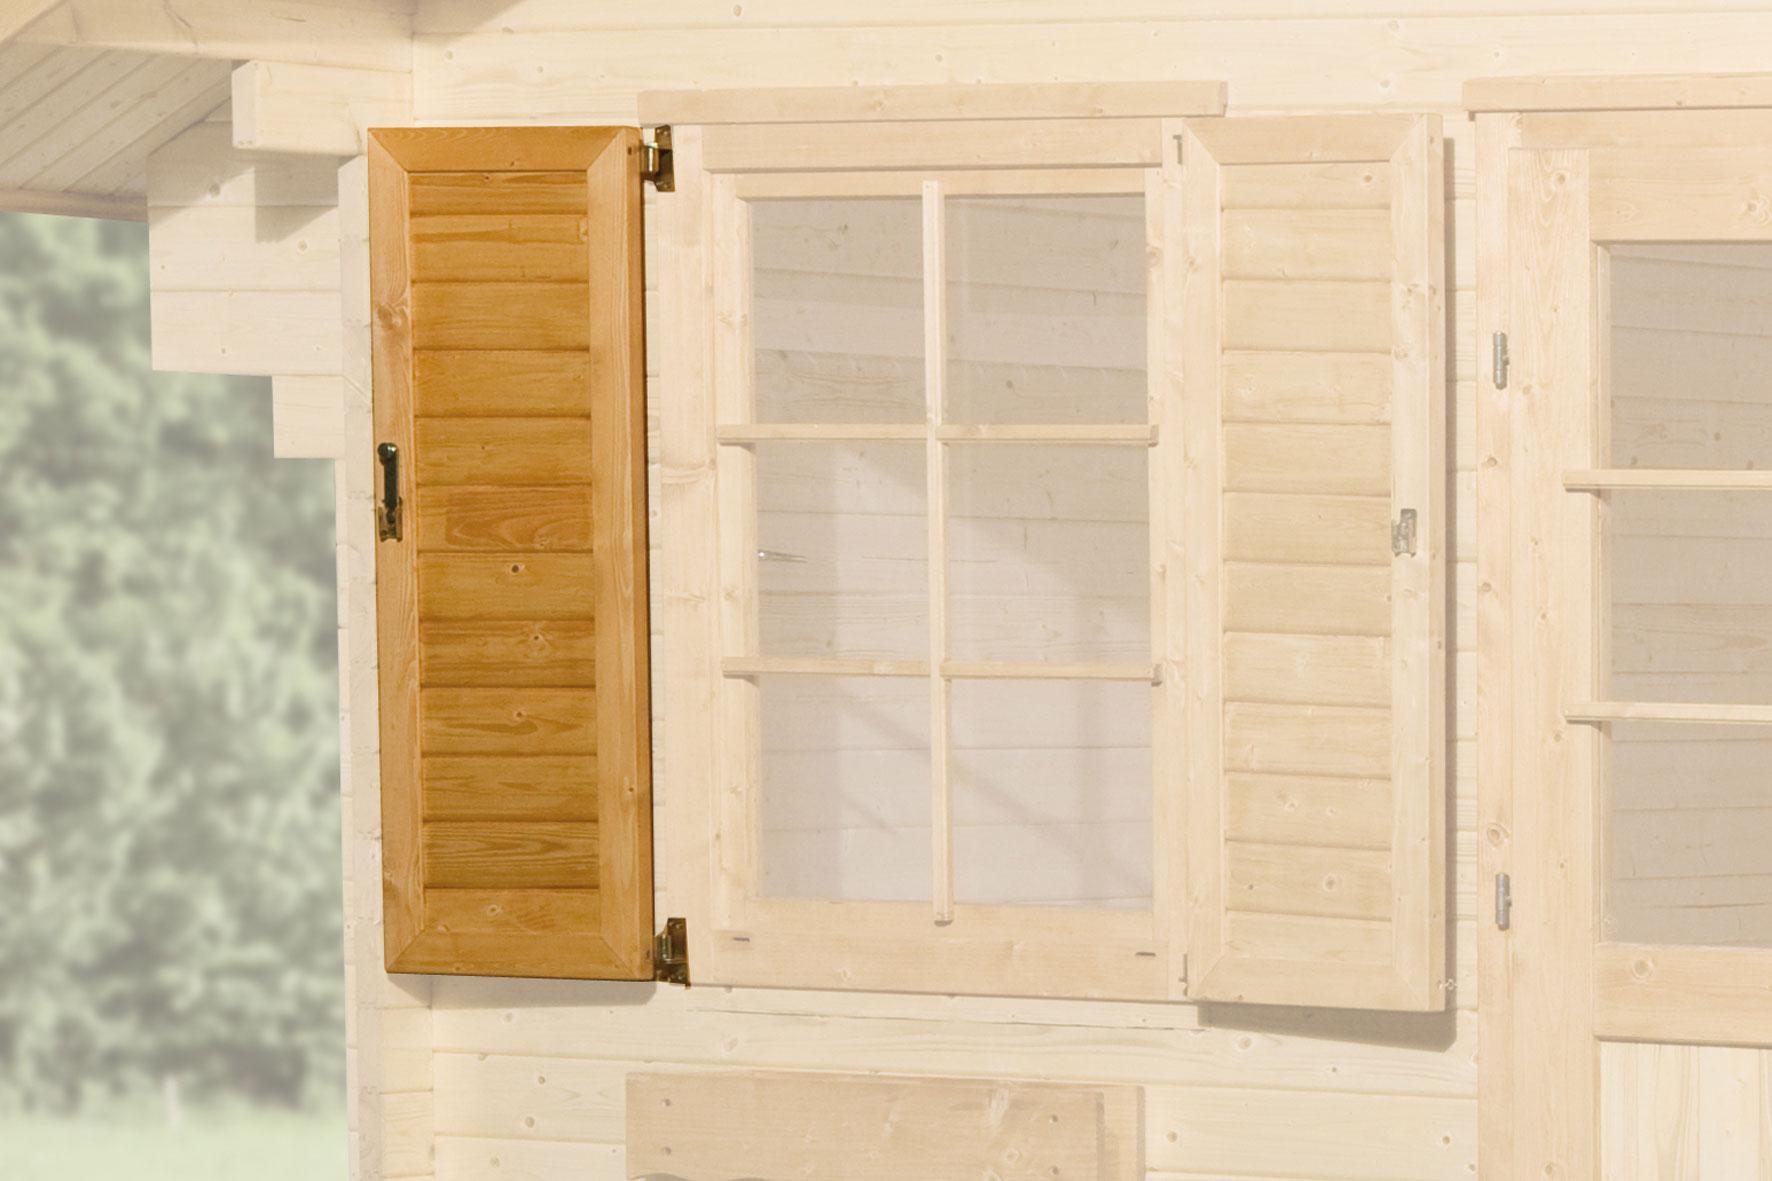 fensterladen f r weka gartenhaus mediterrana einseitig 84x113cm bei. Black Bedroom Furniture Sets. Home Design Ideas